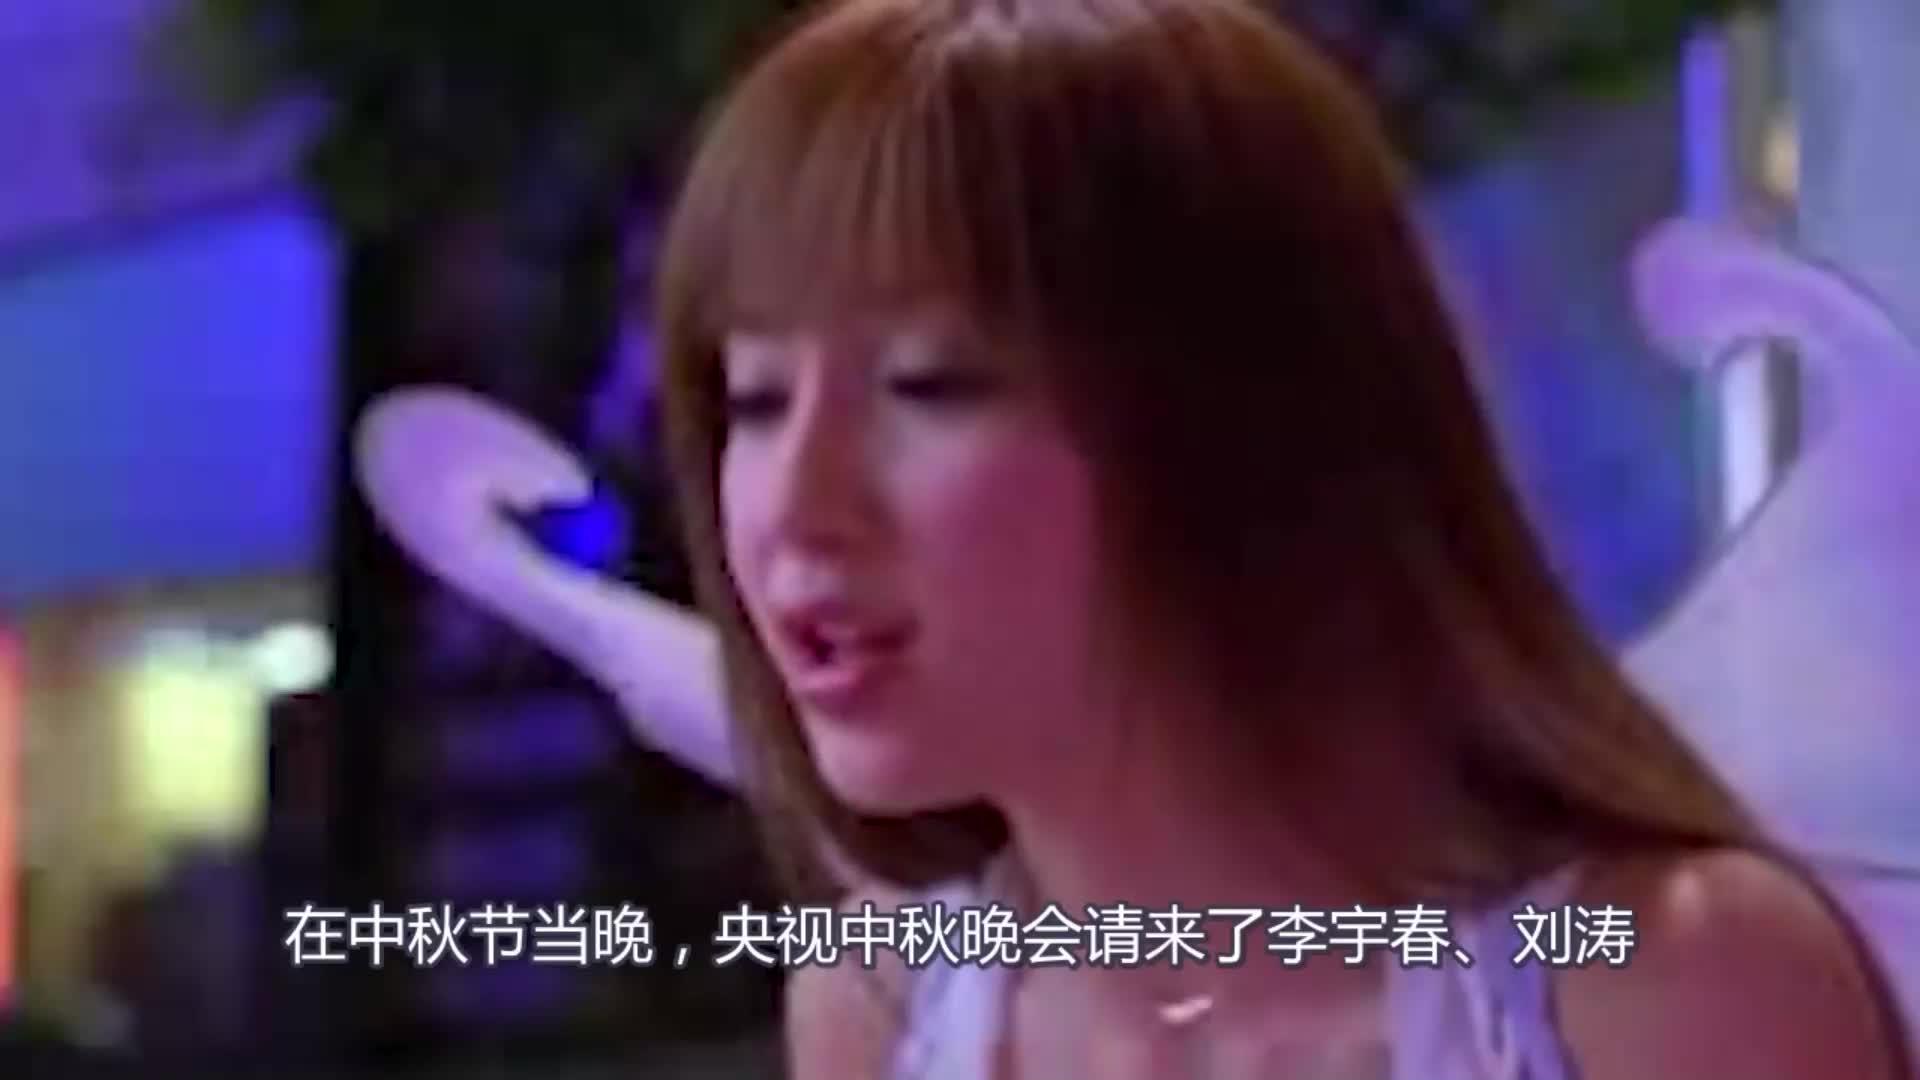 中秋晚会黄晓明baby刻意不同框酒店还分房演技又受质疑